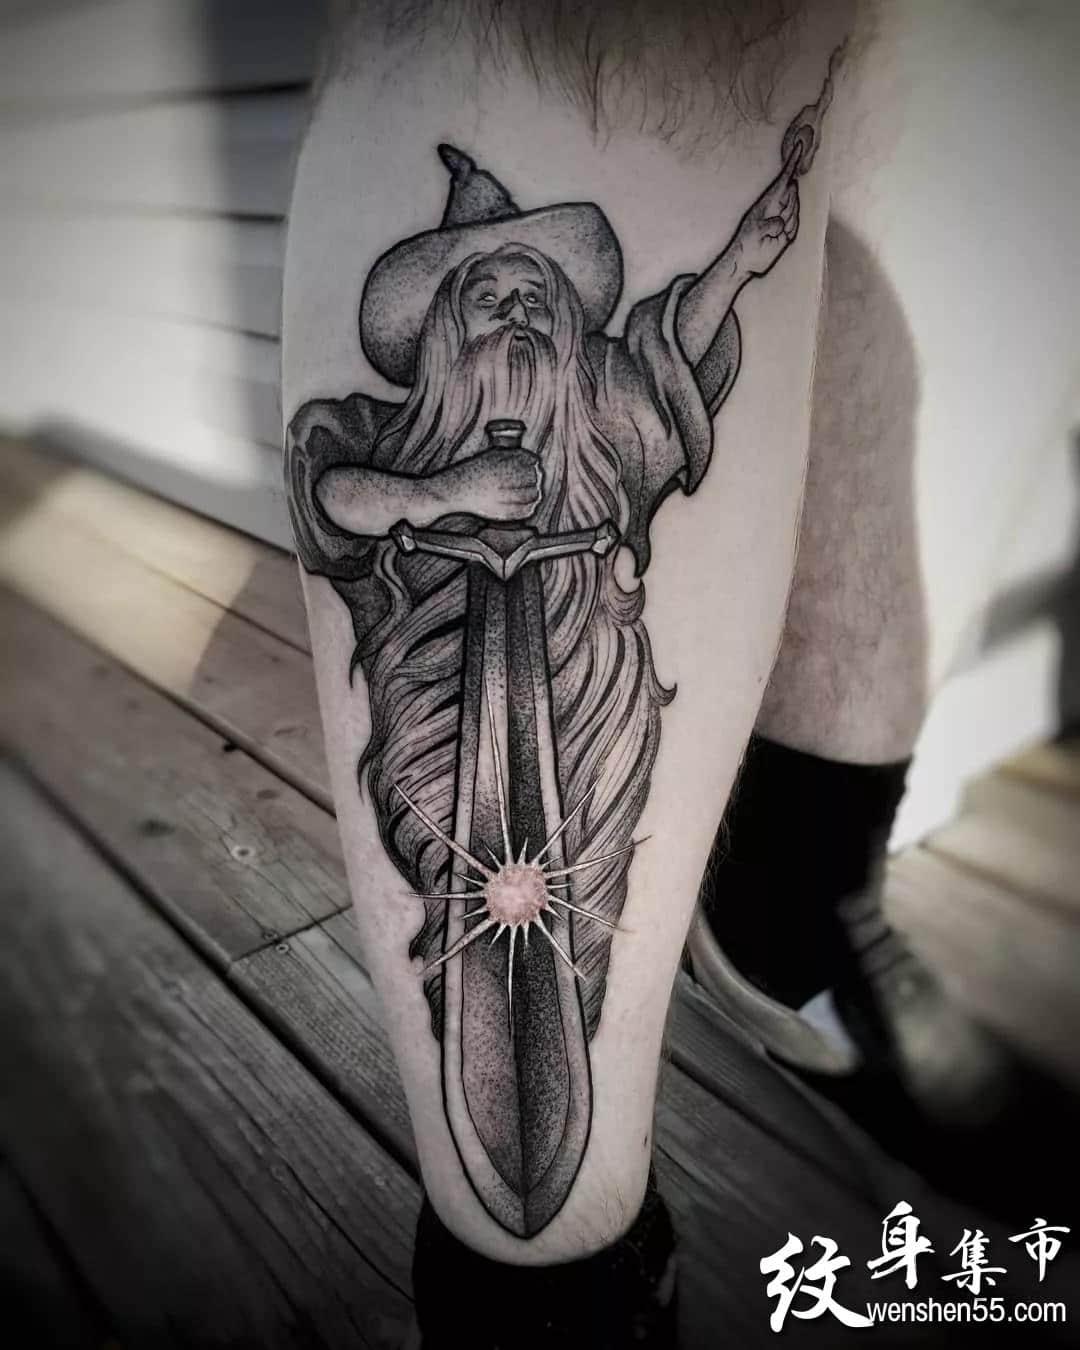 甘道夫纹身,甘道夫纹身手稿,甘道夫纹身手稿图案